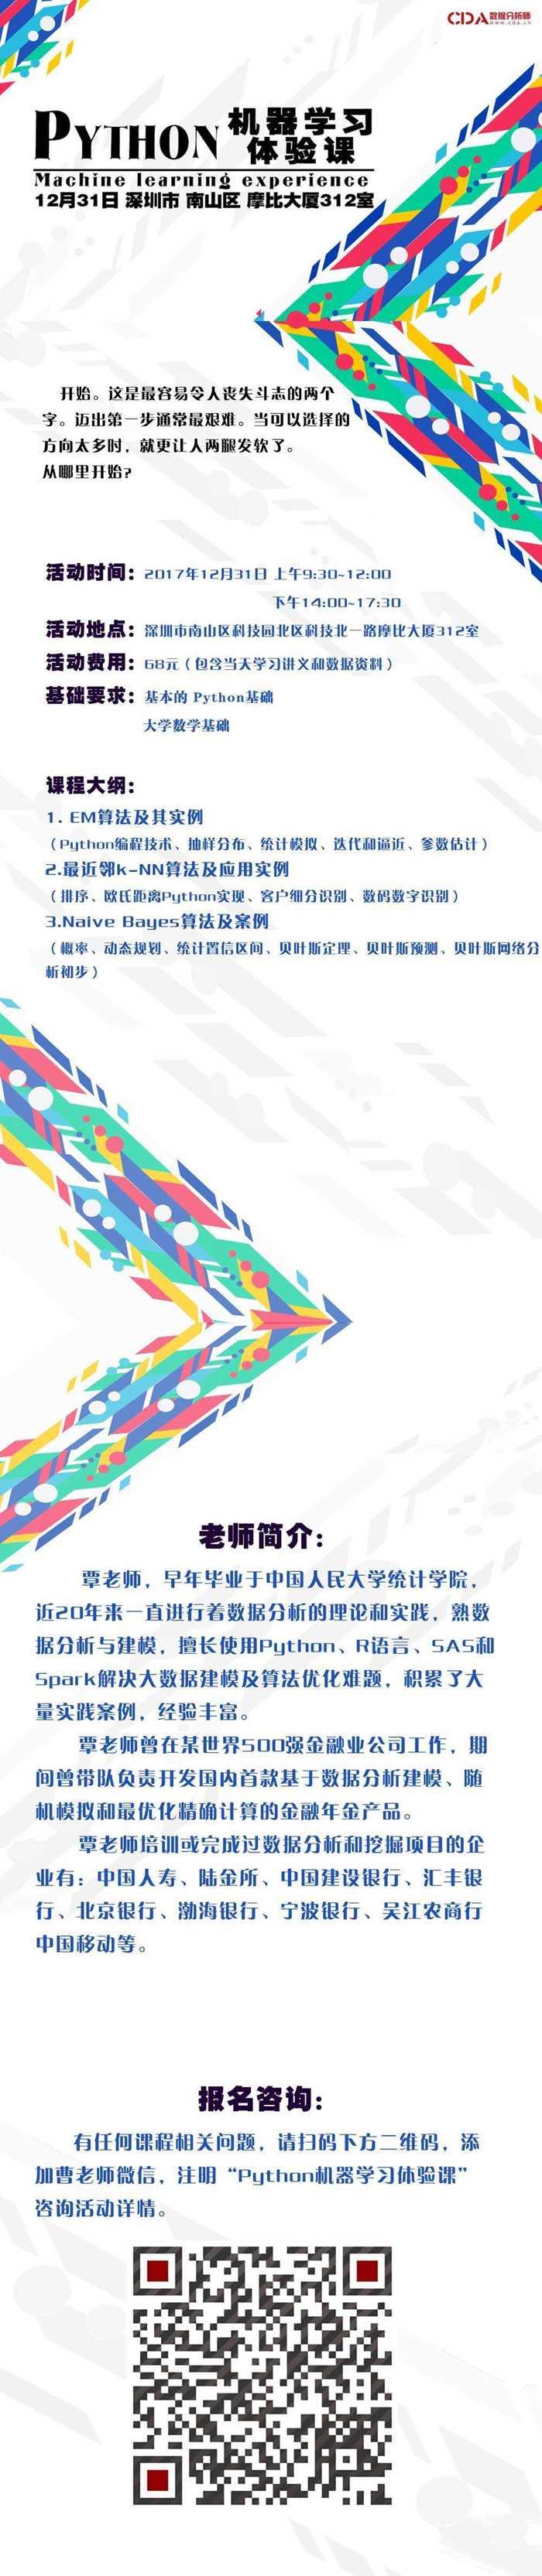 深圳-python-公共课12.31.jpg